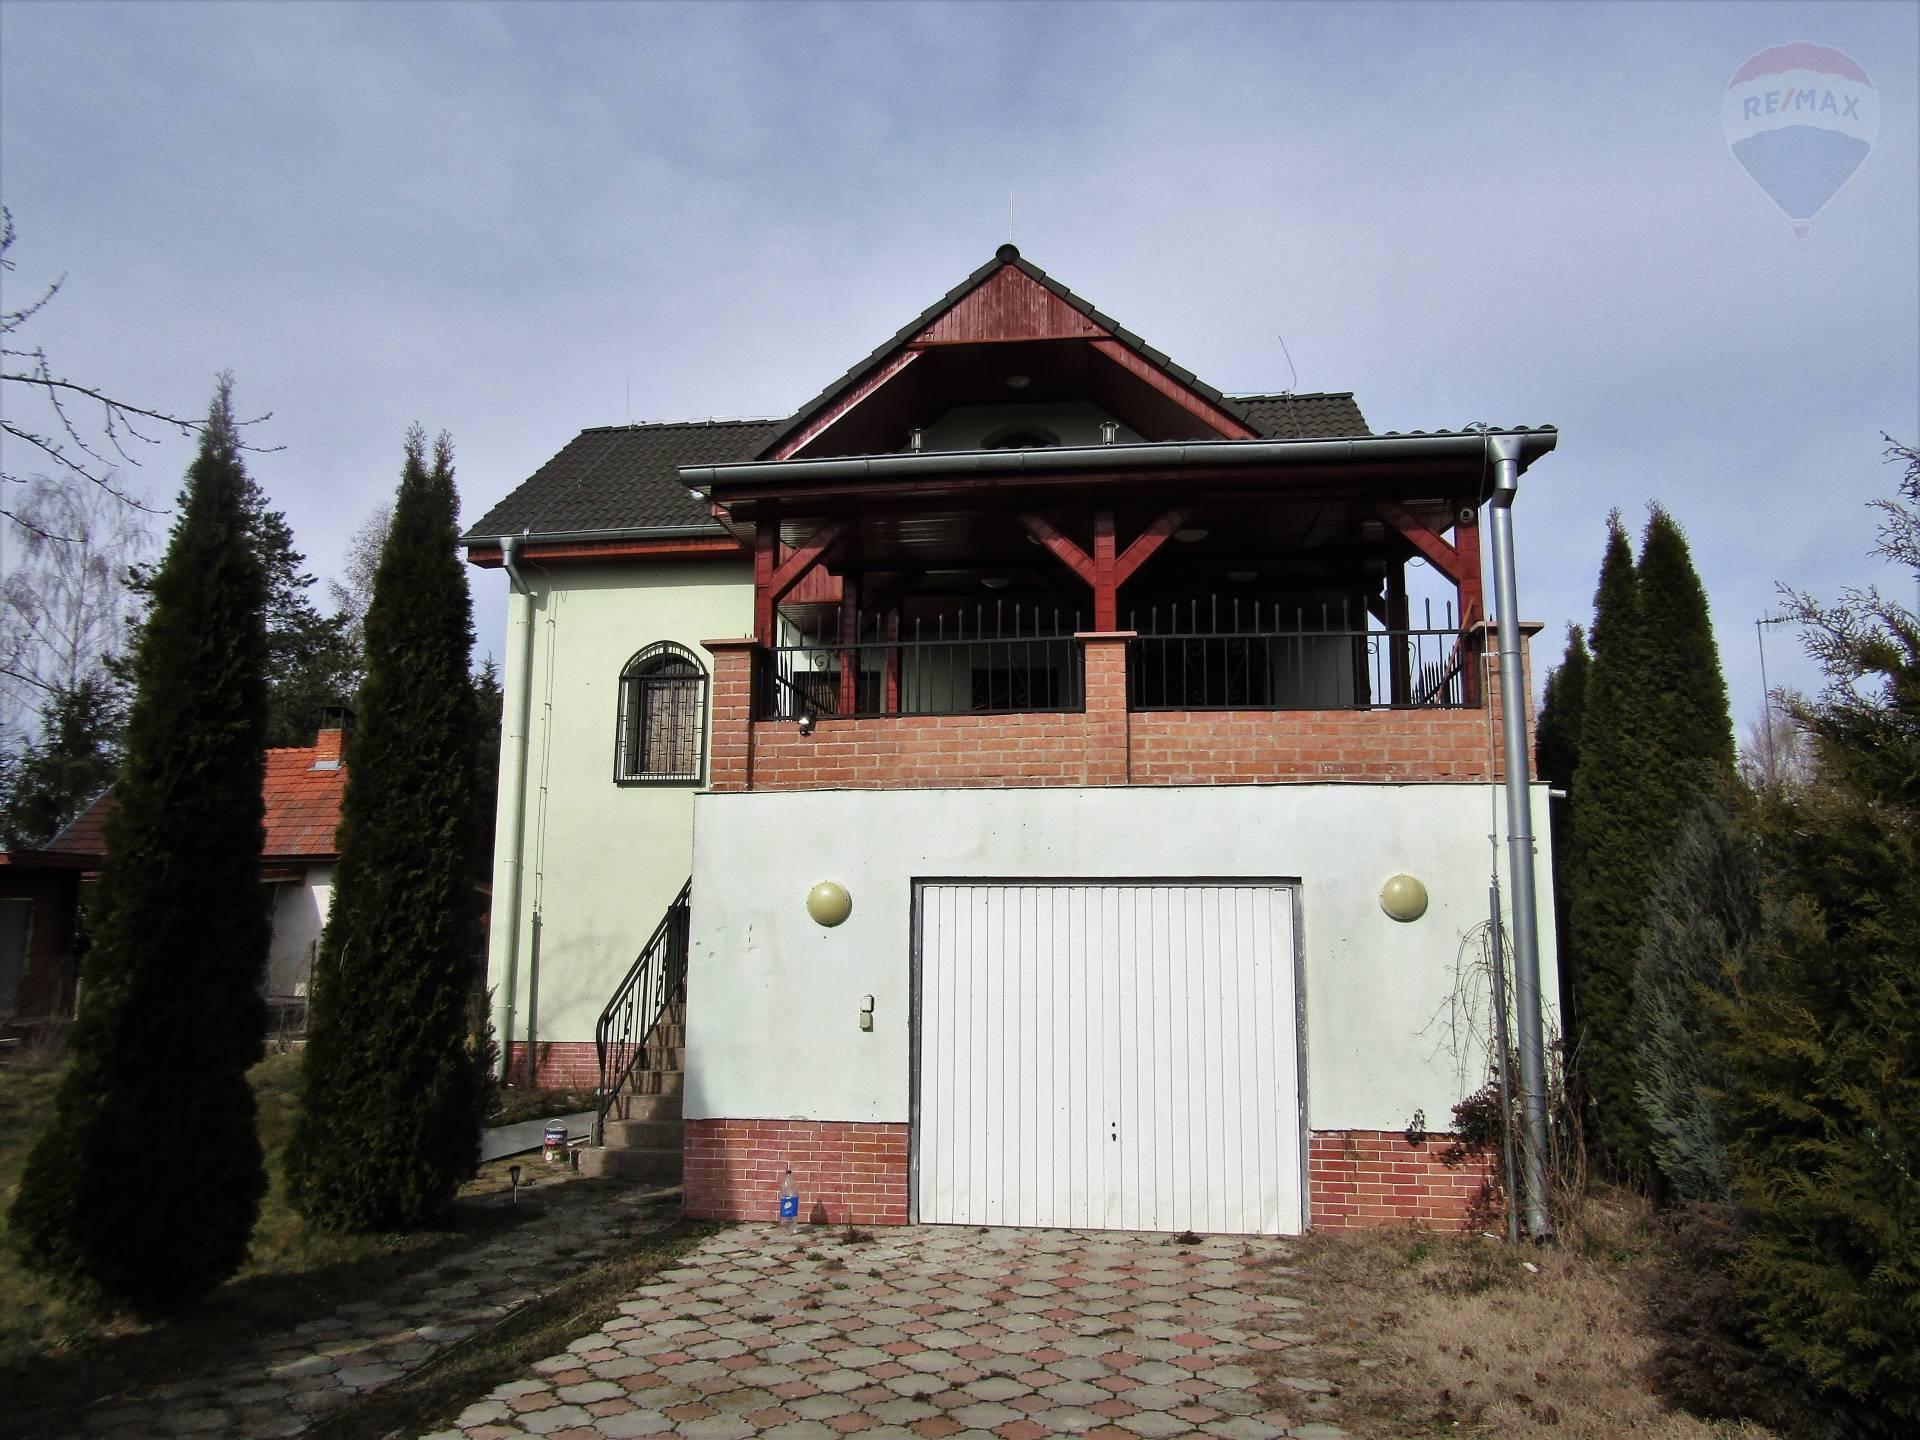 Predaj murovanej zateplenej 4 izbovej chaty s pozemkom 520 m2 v záhr. osade Váh II Kralová nadVáhom